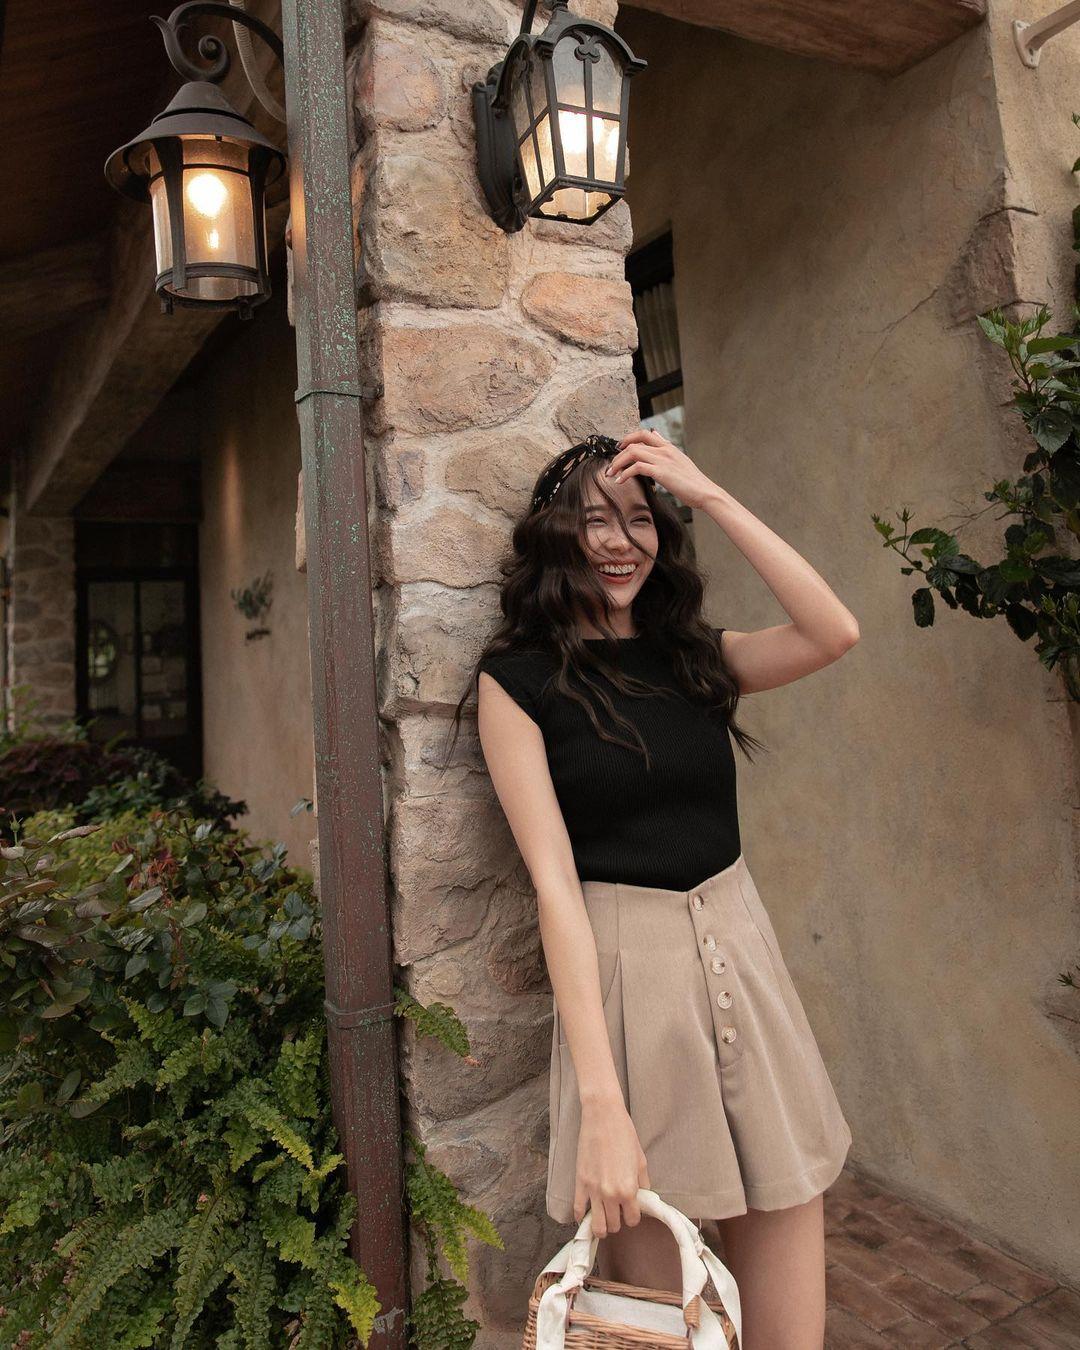 Hội sành điệu toàn mix quần shorts với 5 kiểu áo này để có outfit đẹp hết chỗ chê - Ảnh 14